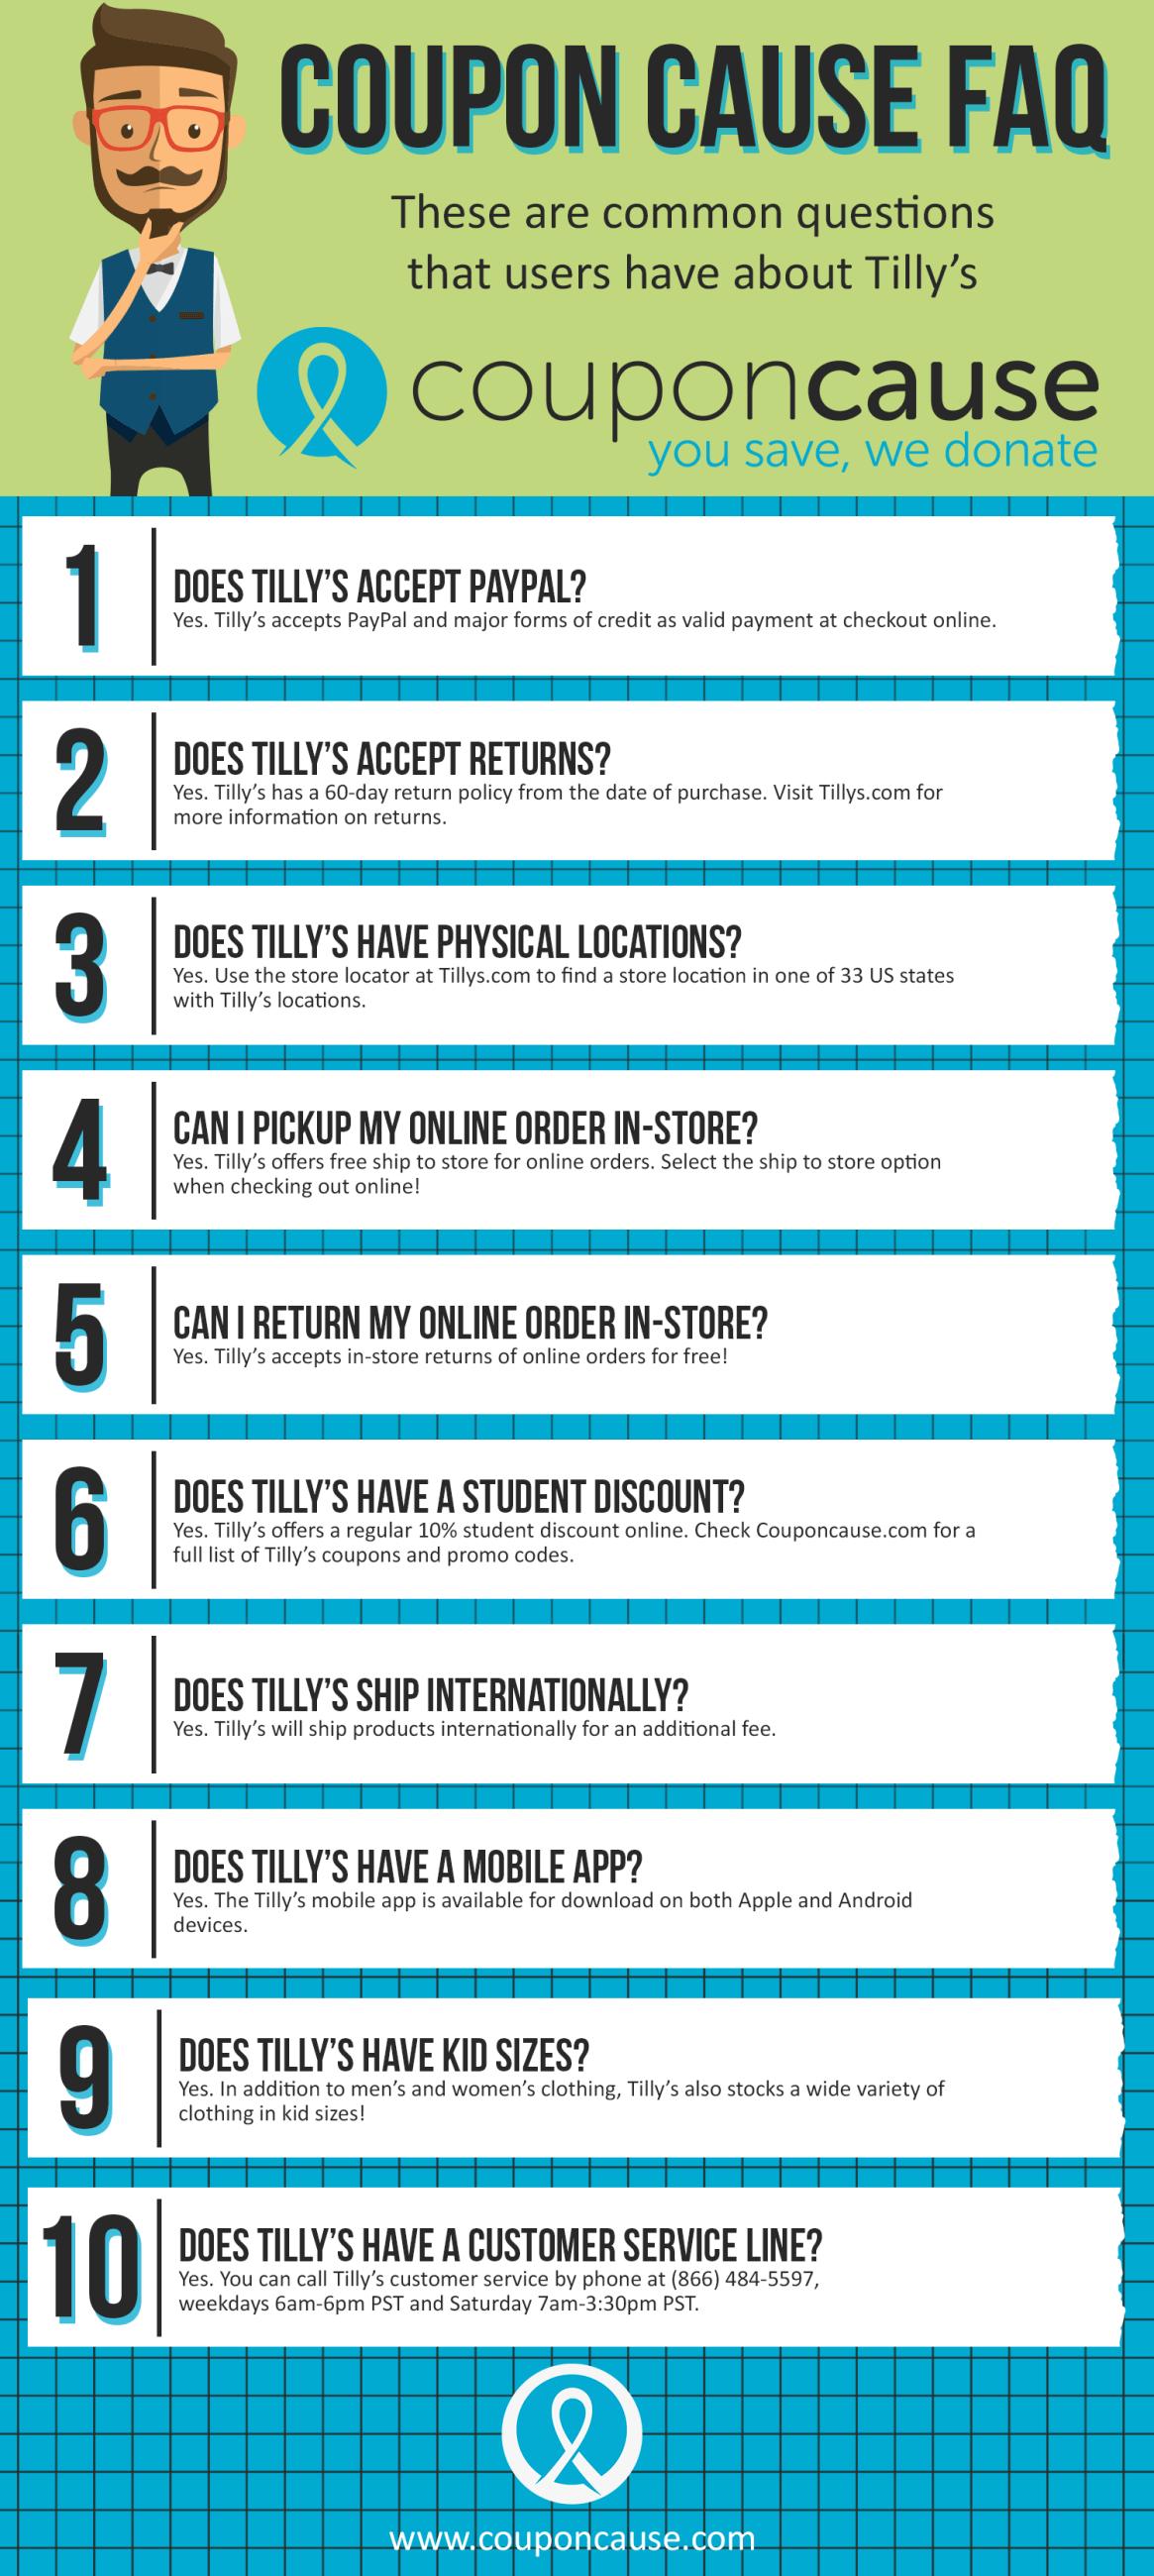 Tillys Coupon Cause FAQ (C.C. FAQ)